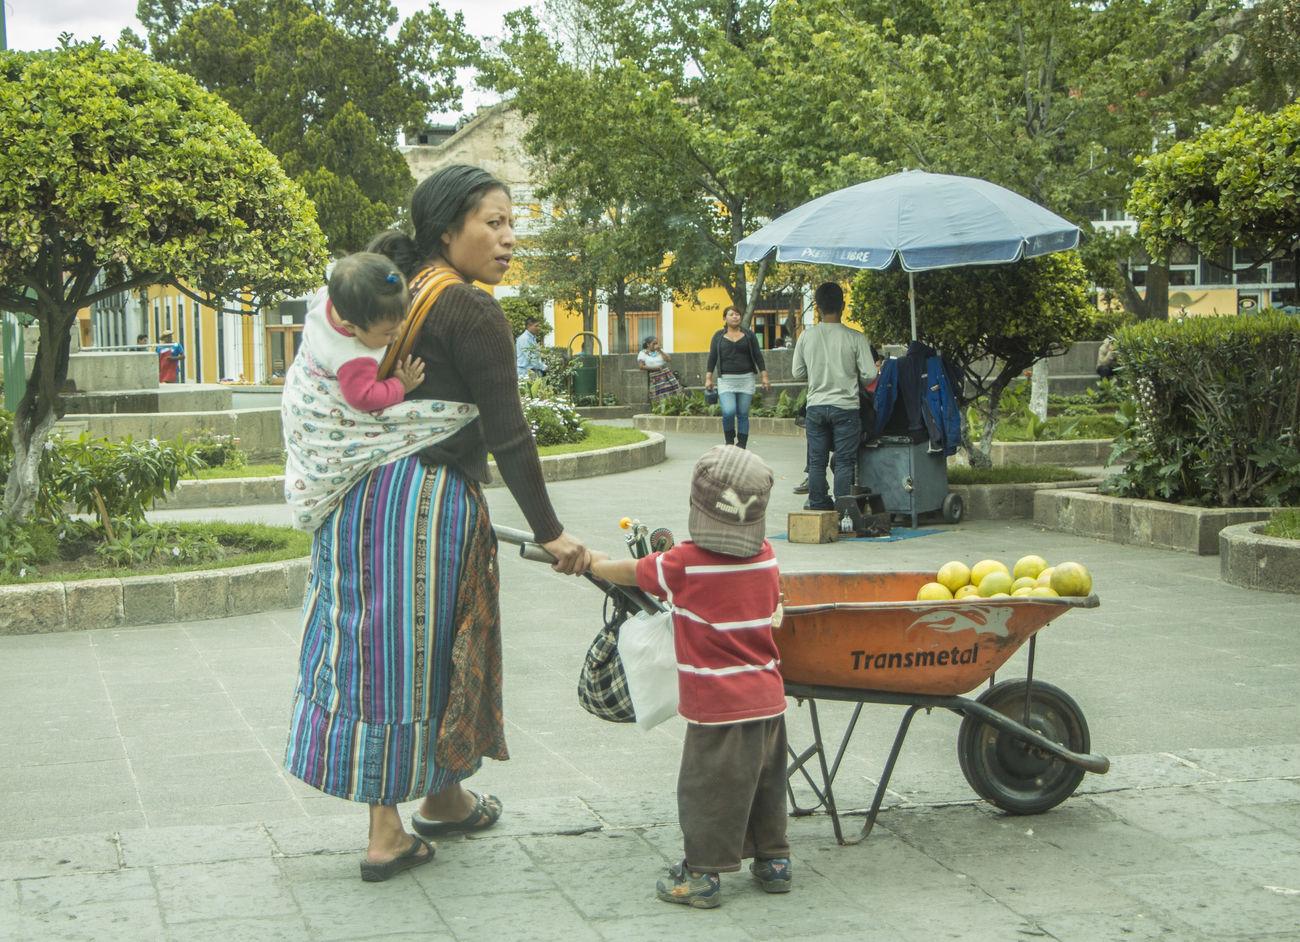 Casual Clothing City City Life Day Frutas Fun Lifestyles Mama Mamãe Niños Trabajando Trabajar Tree Venta Xela , Quetzaltenango